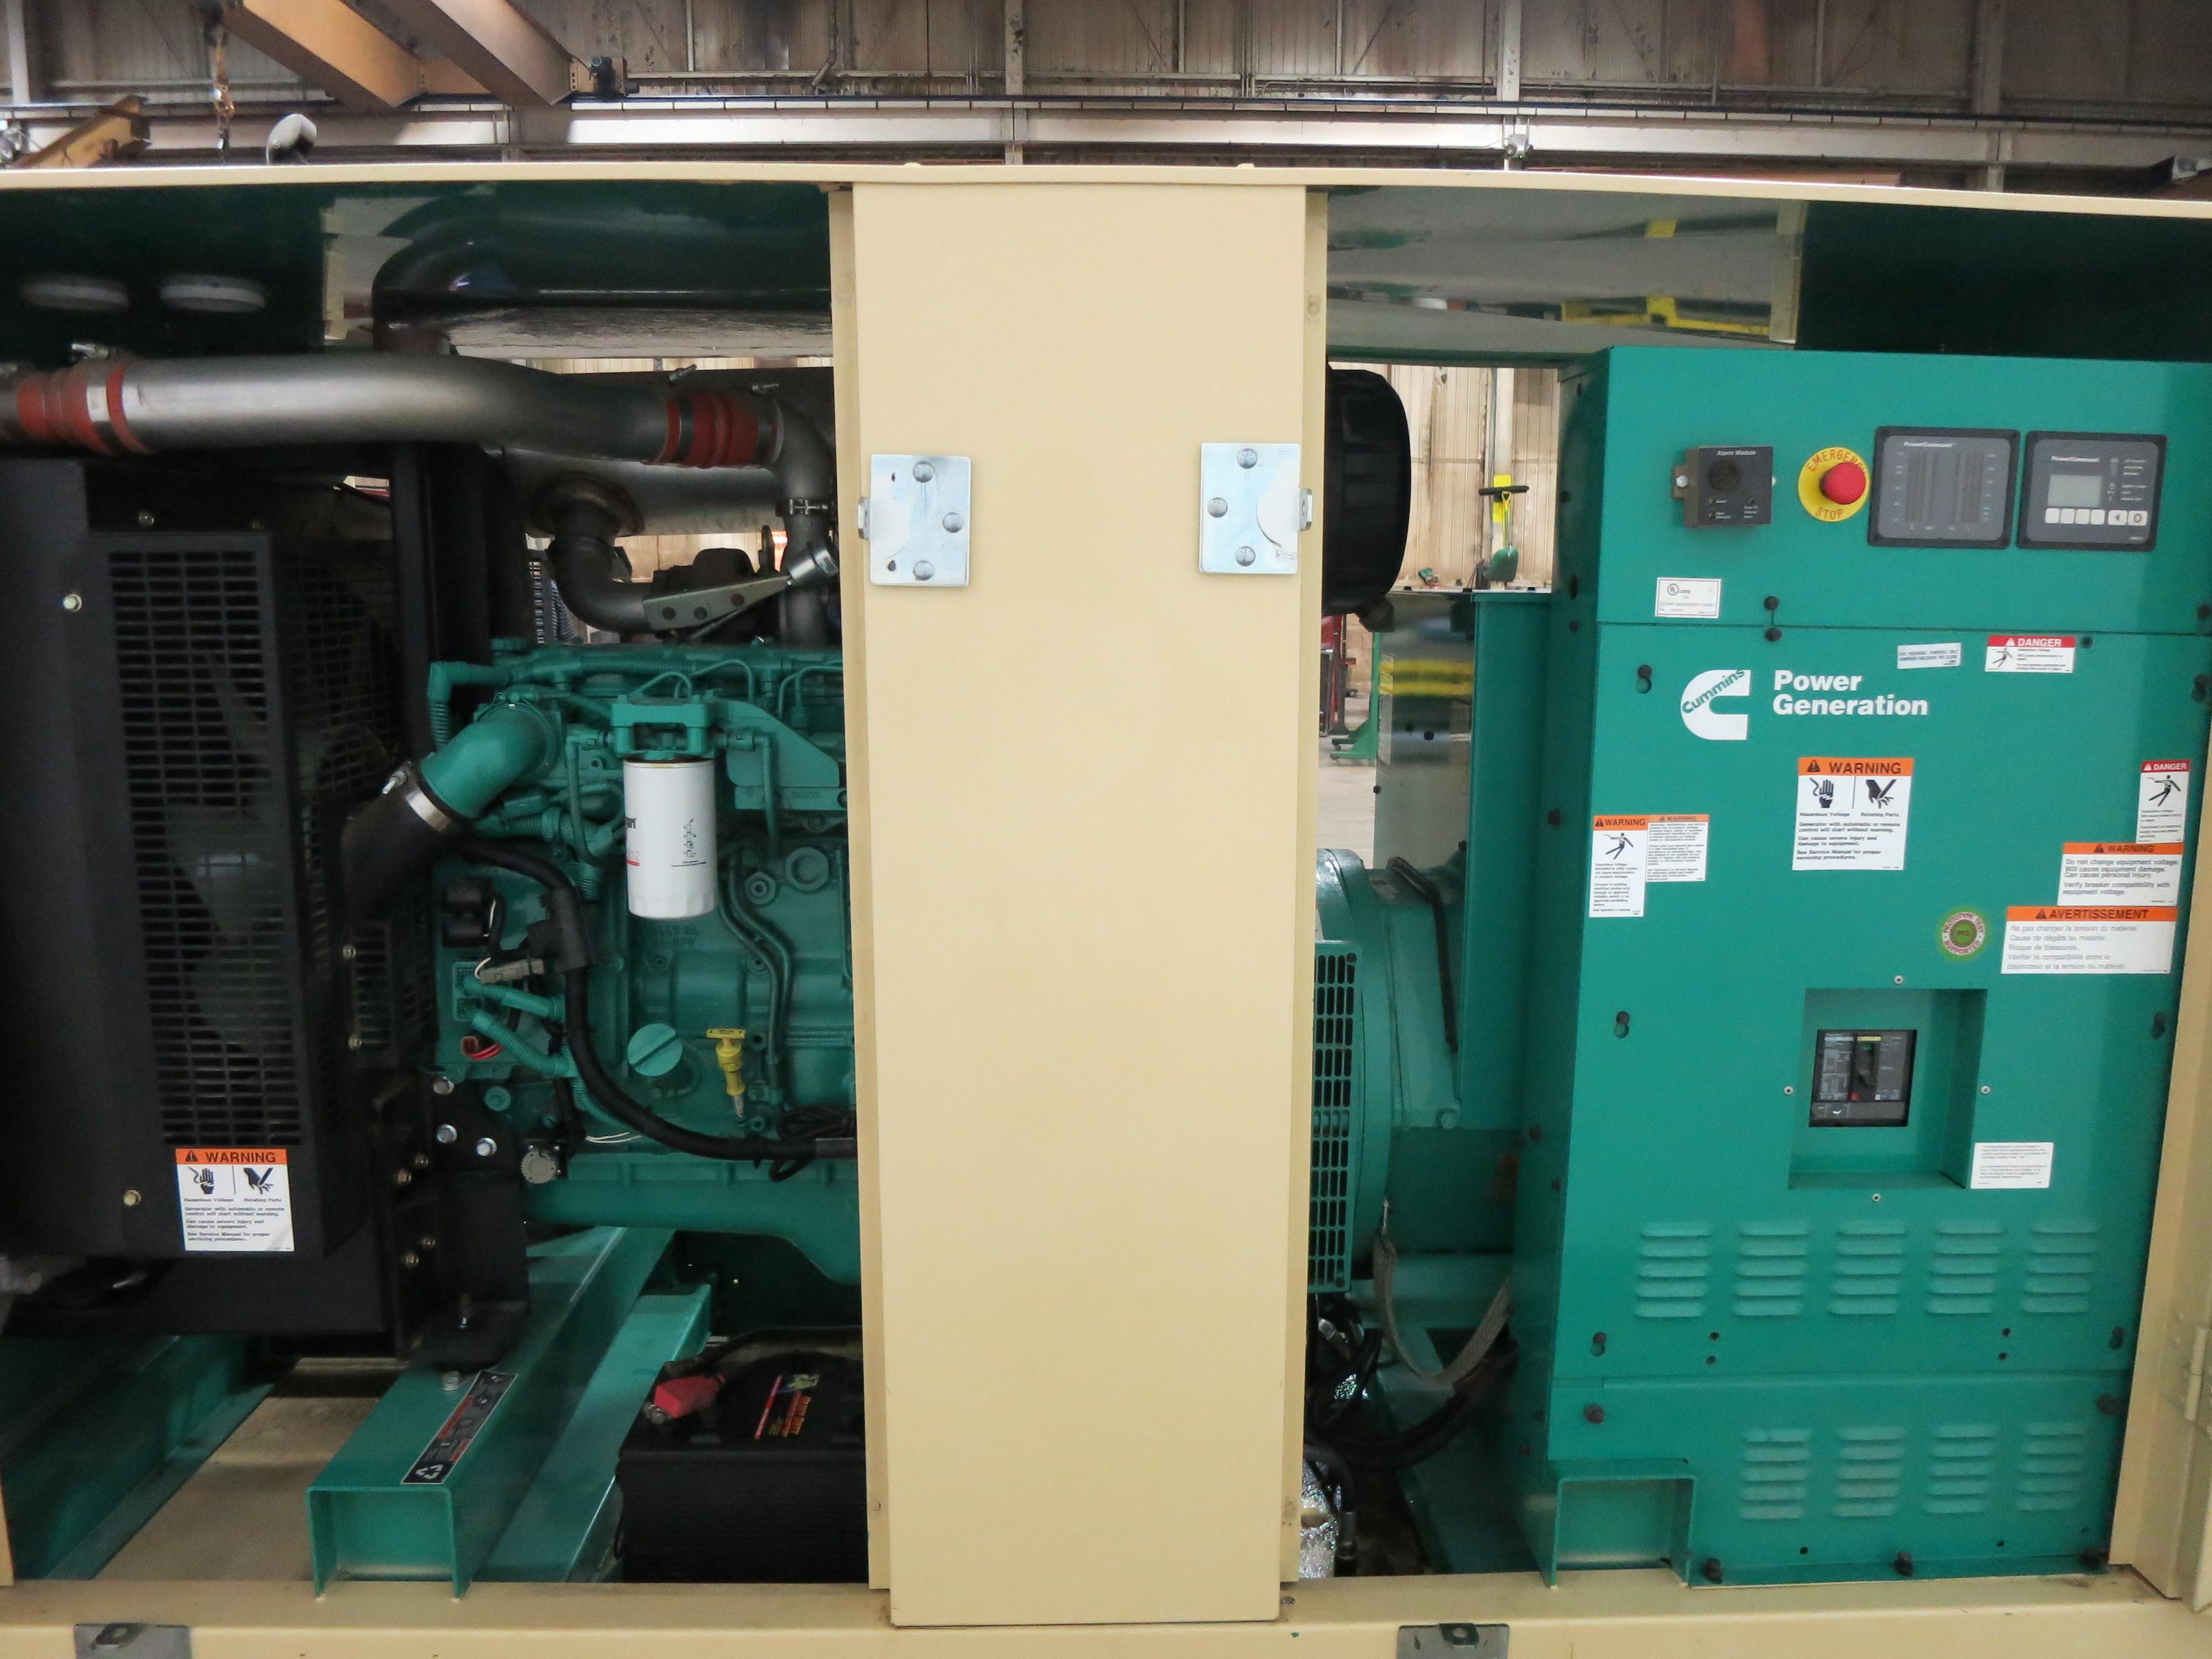 Used Cummins QSB7-G3-NR3 Diesel Generator | 131 Hrs | 100 KW | 0 Price |  CSDG